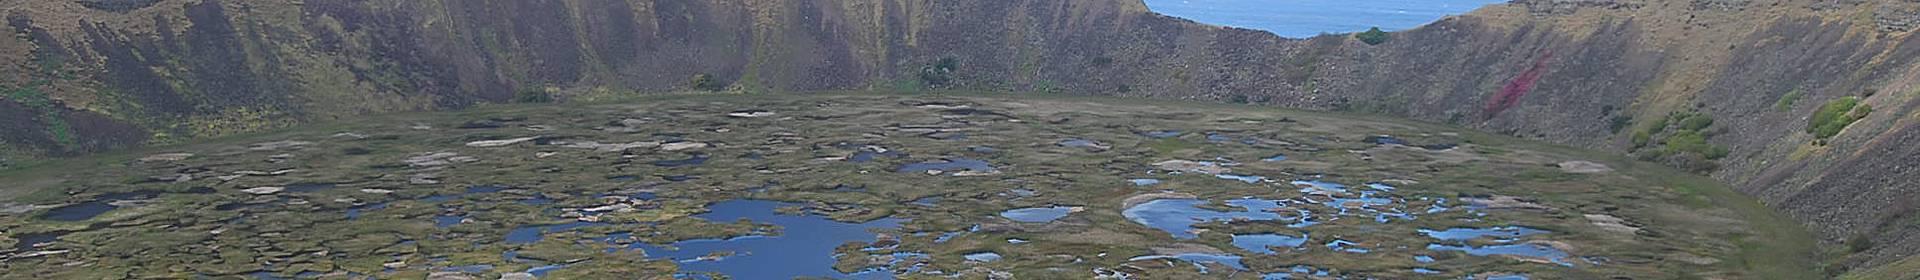 Volcán Rano Kau